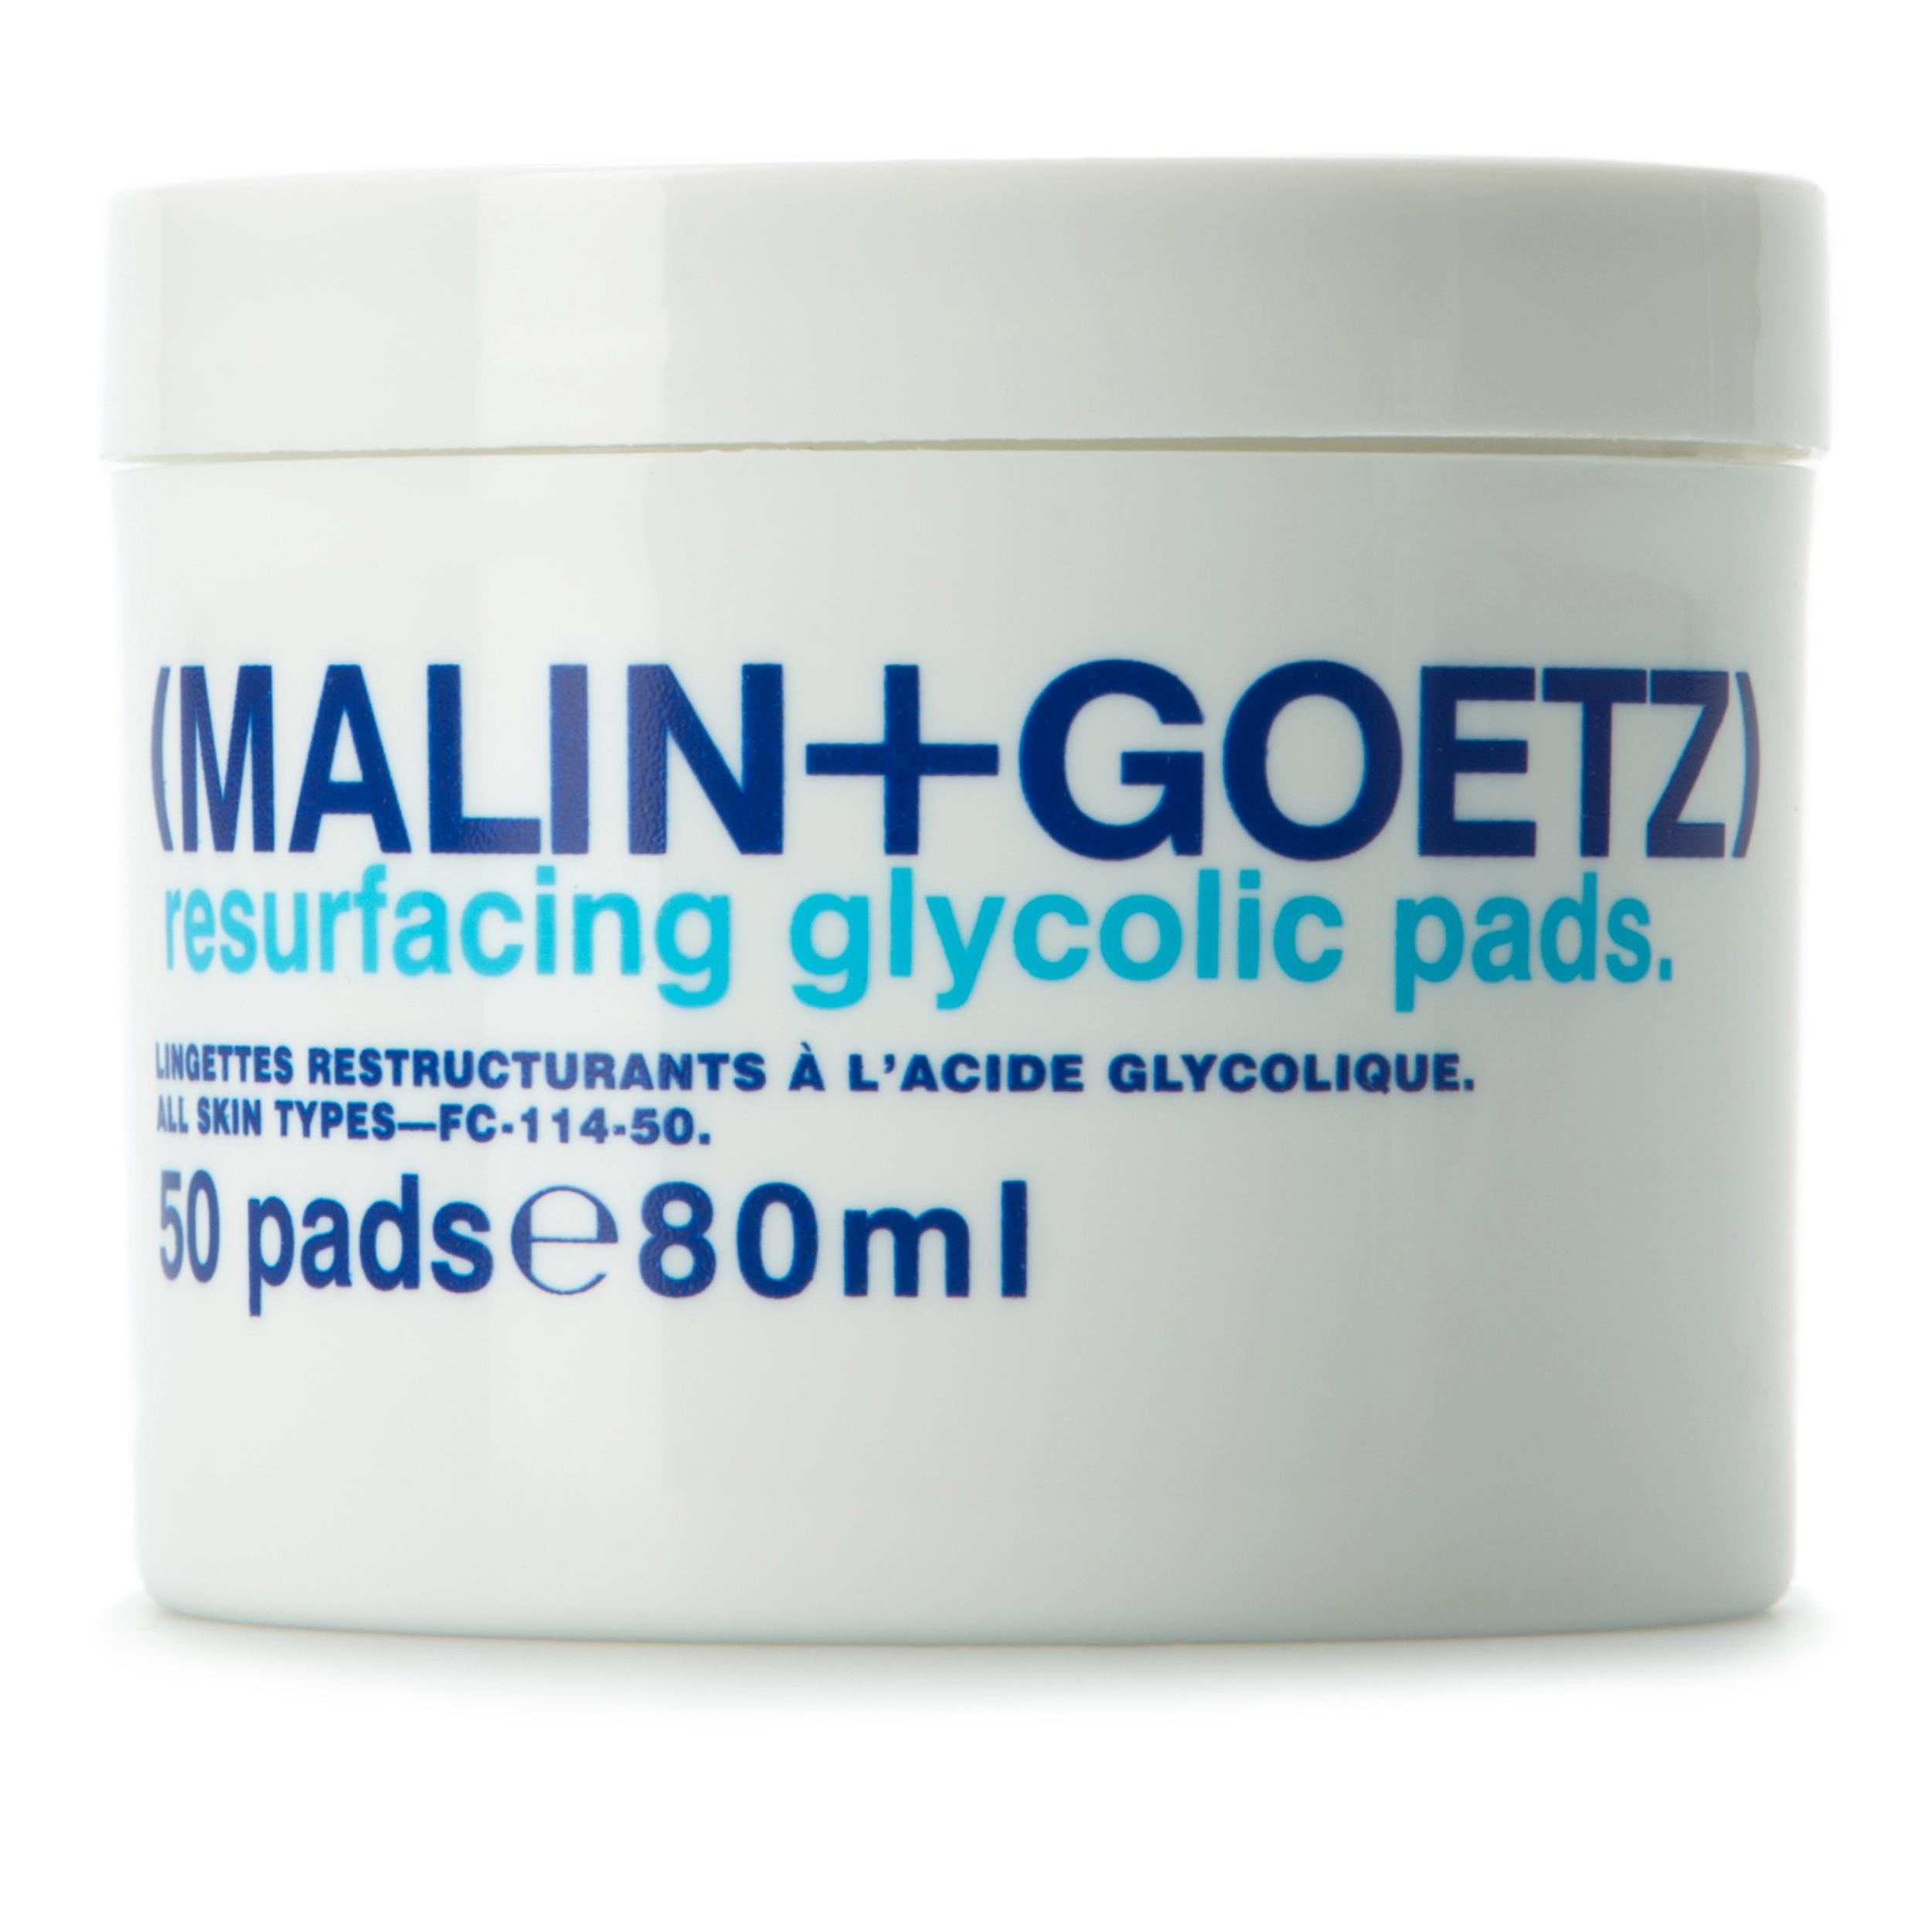 MALIN+GOETZ Обновляющие диски для лица 50 шт фото